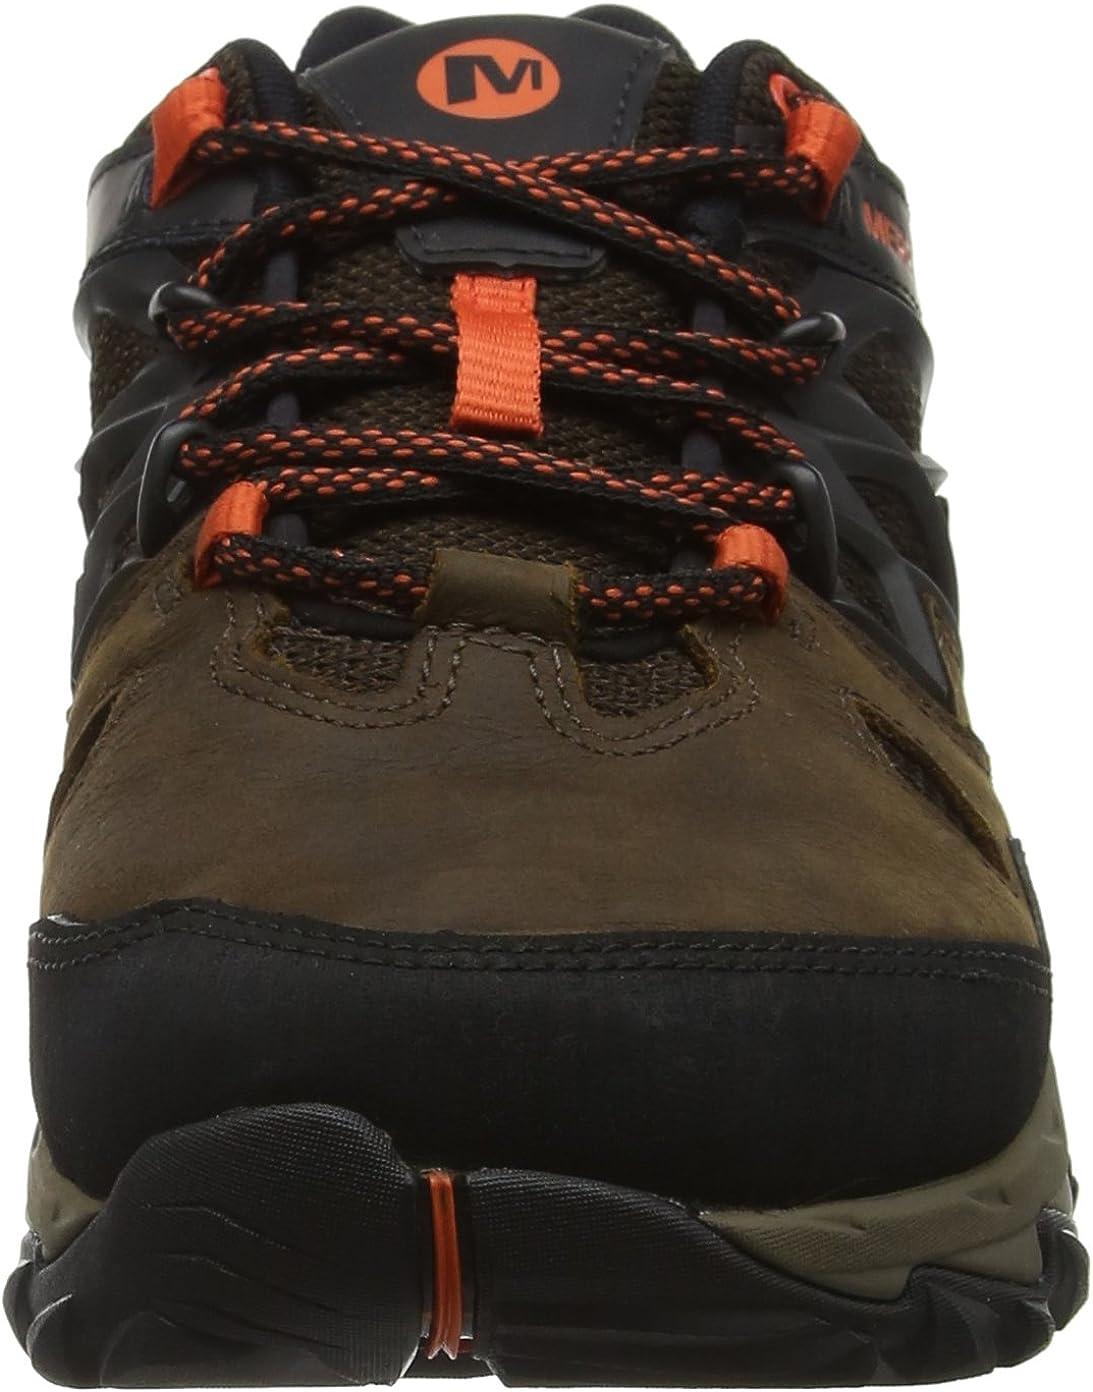 Merrell All Out Blaze 2 GTX Chaussures de Randonn/ée Basses Homme